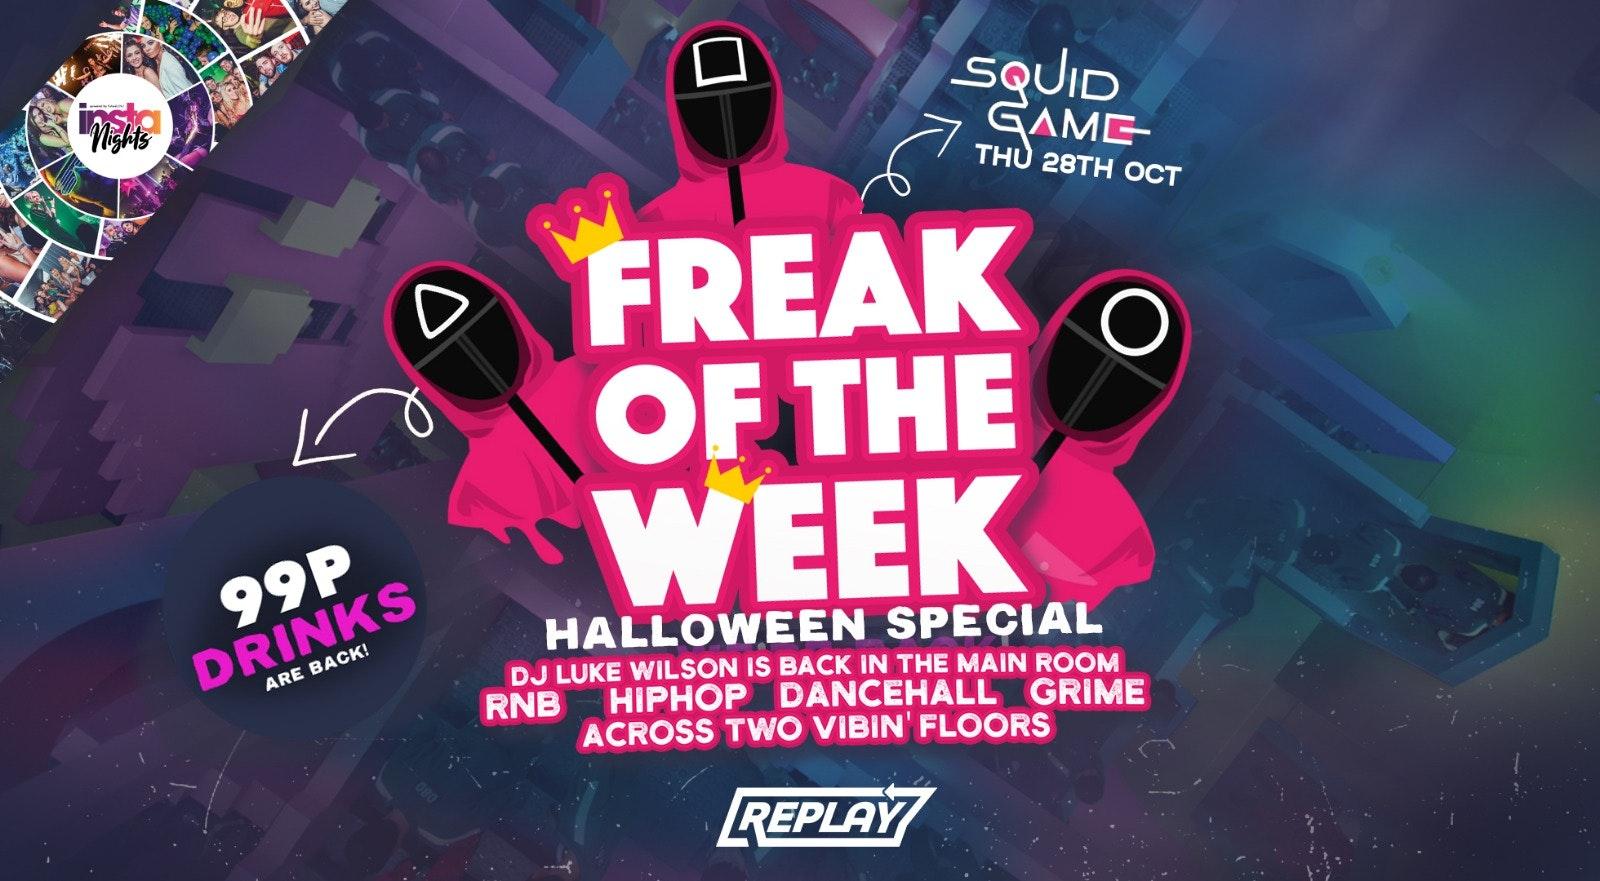 Squid Games Freak Of The Week | Halloween Special